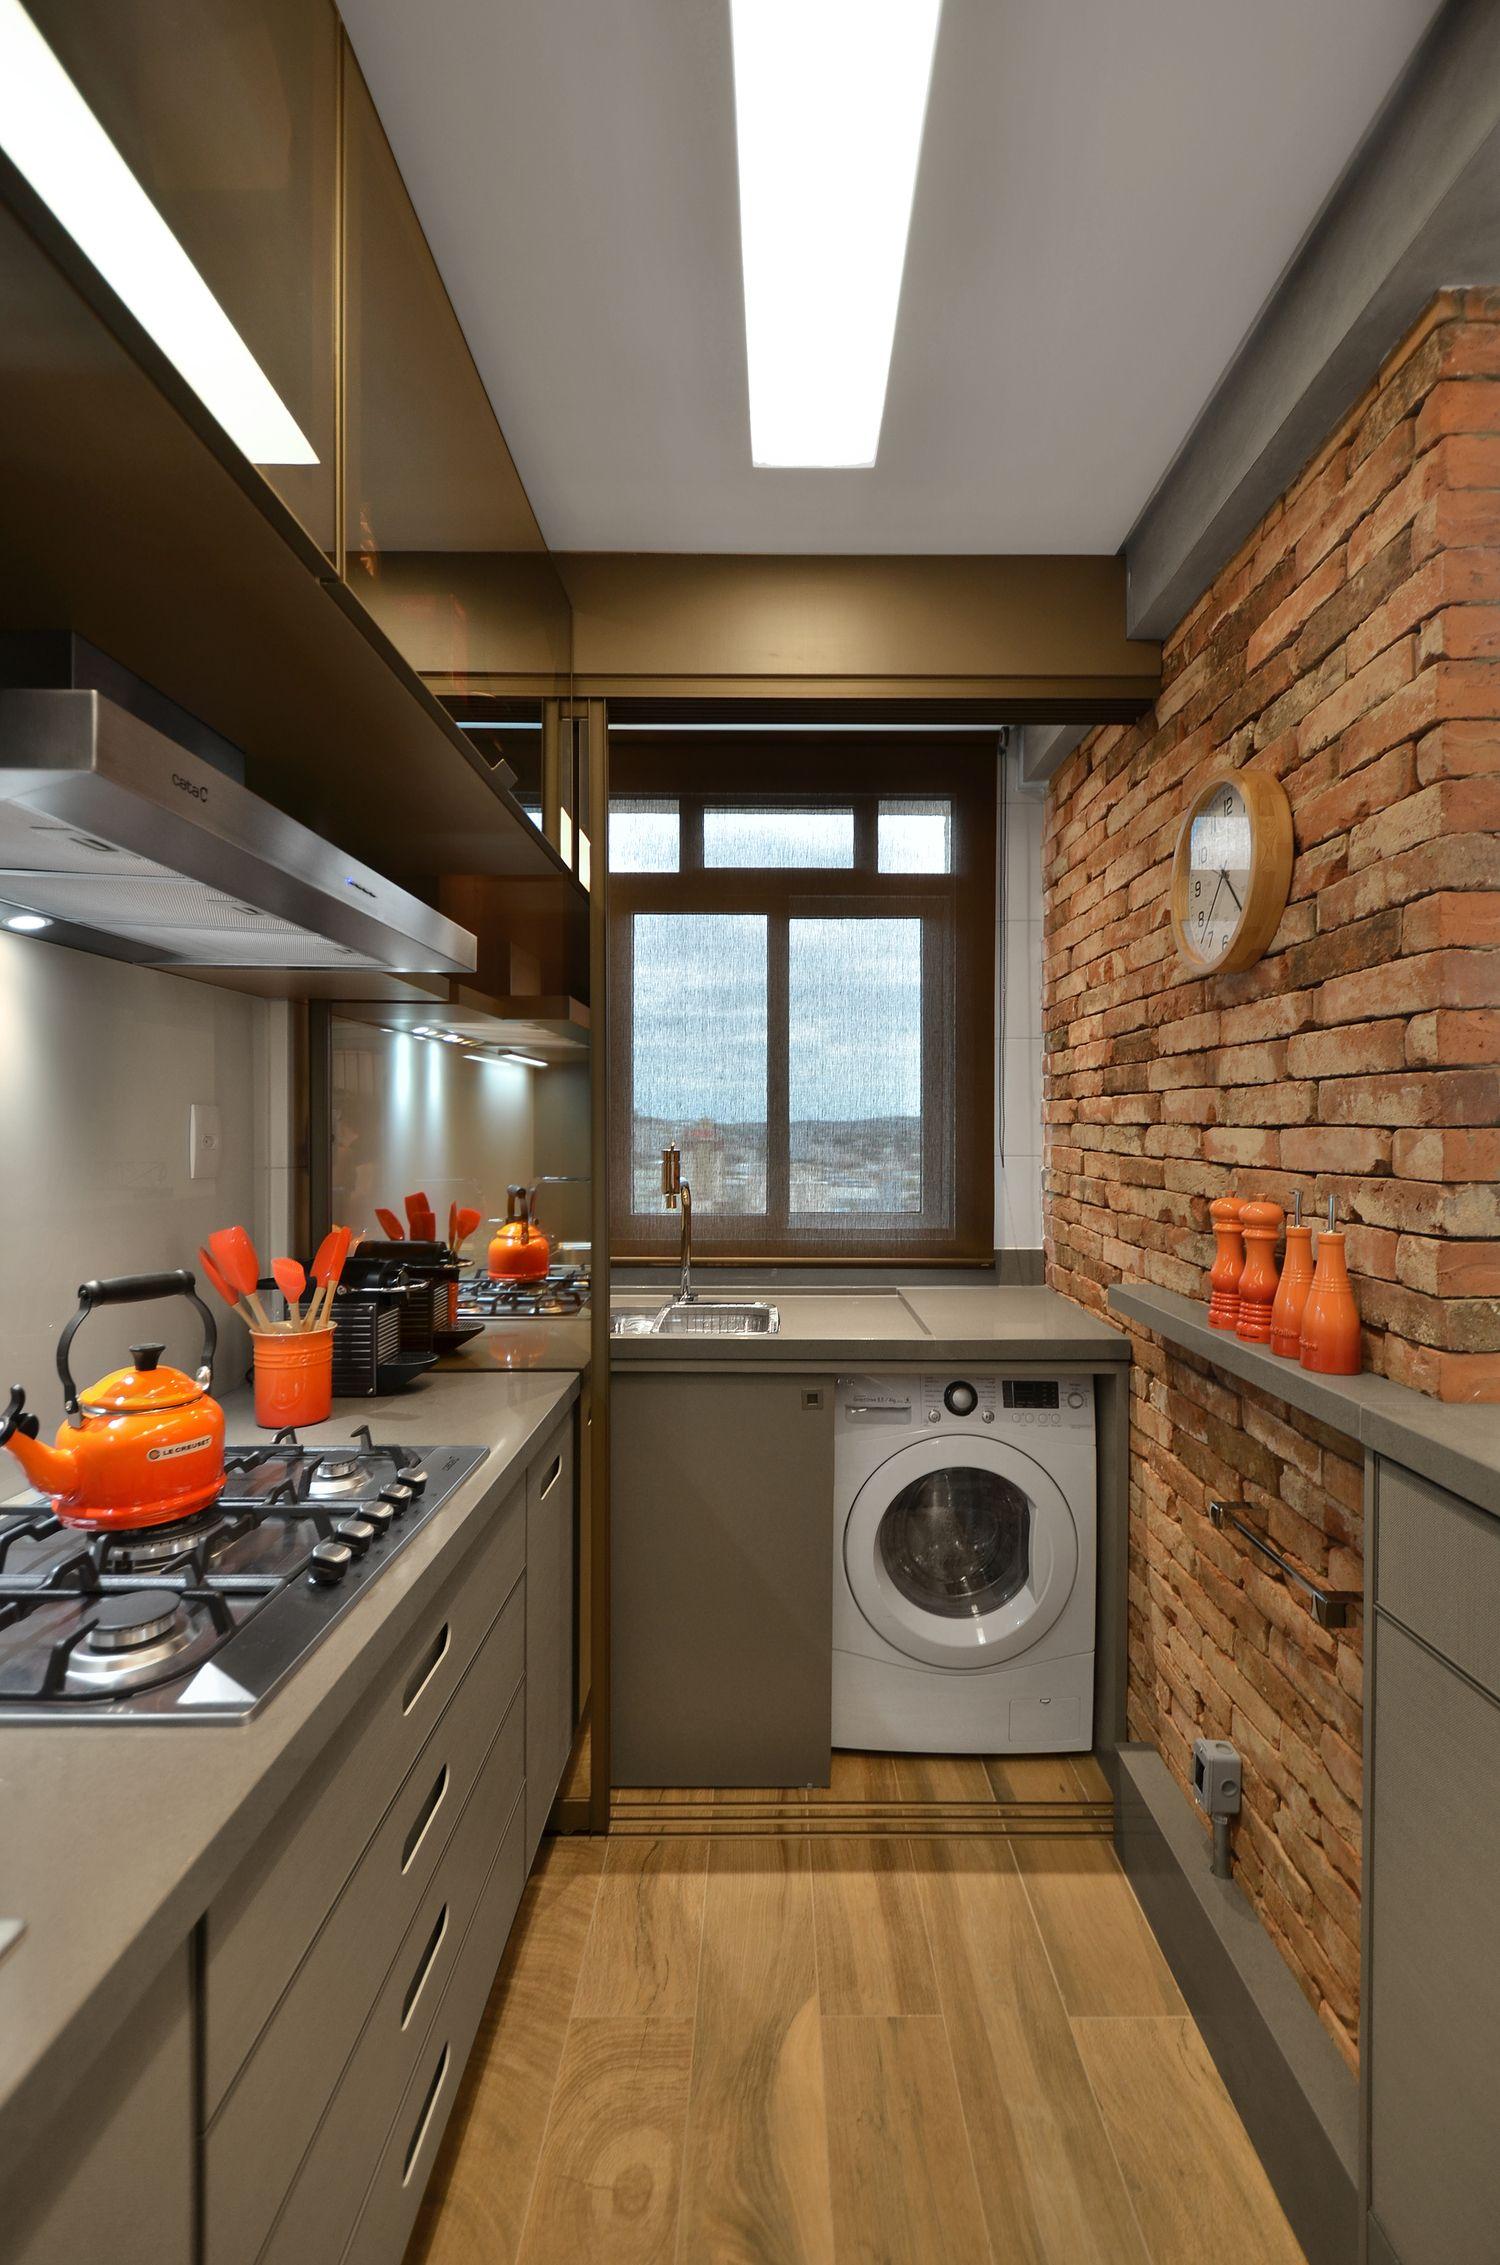 Loft t lavanderia oculta cocina y cuarto de lavado for Cocina y lavanderia juntas